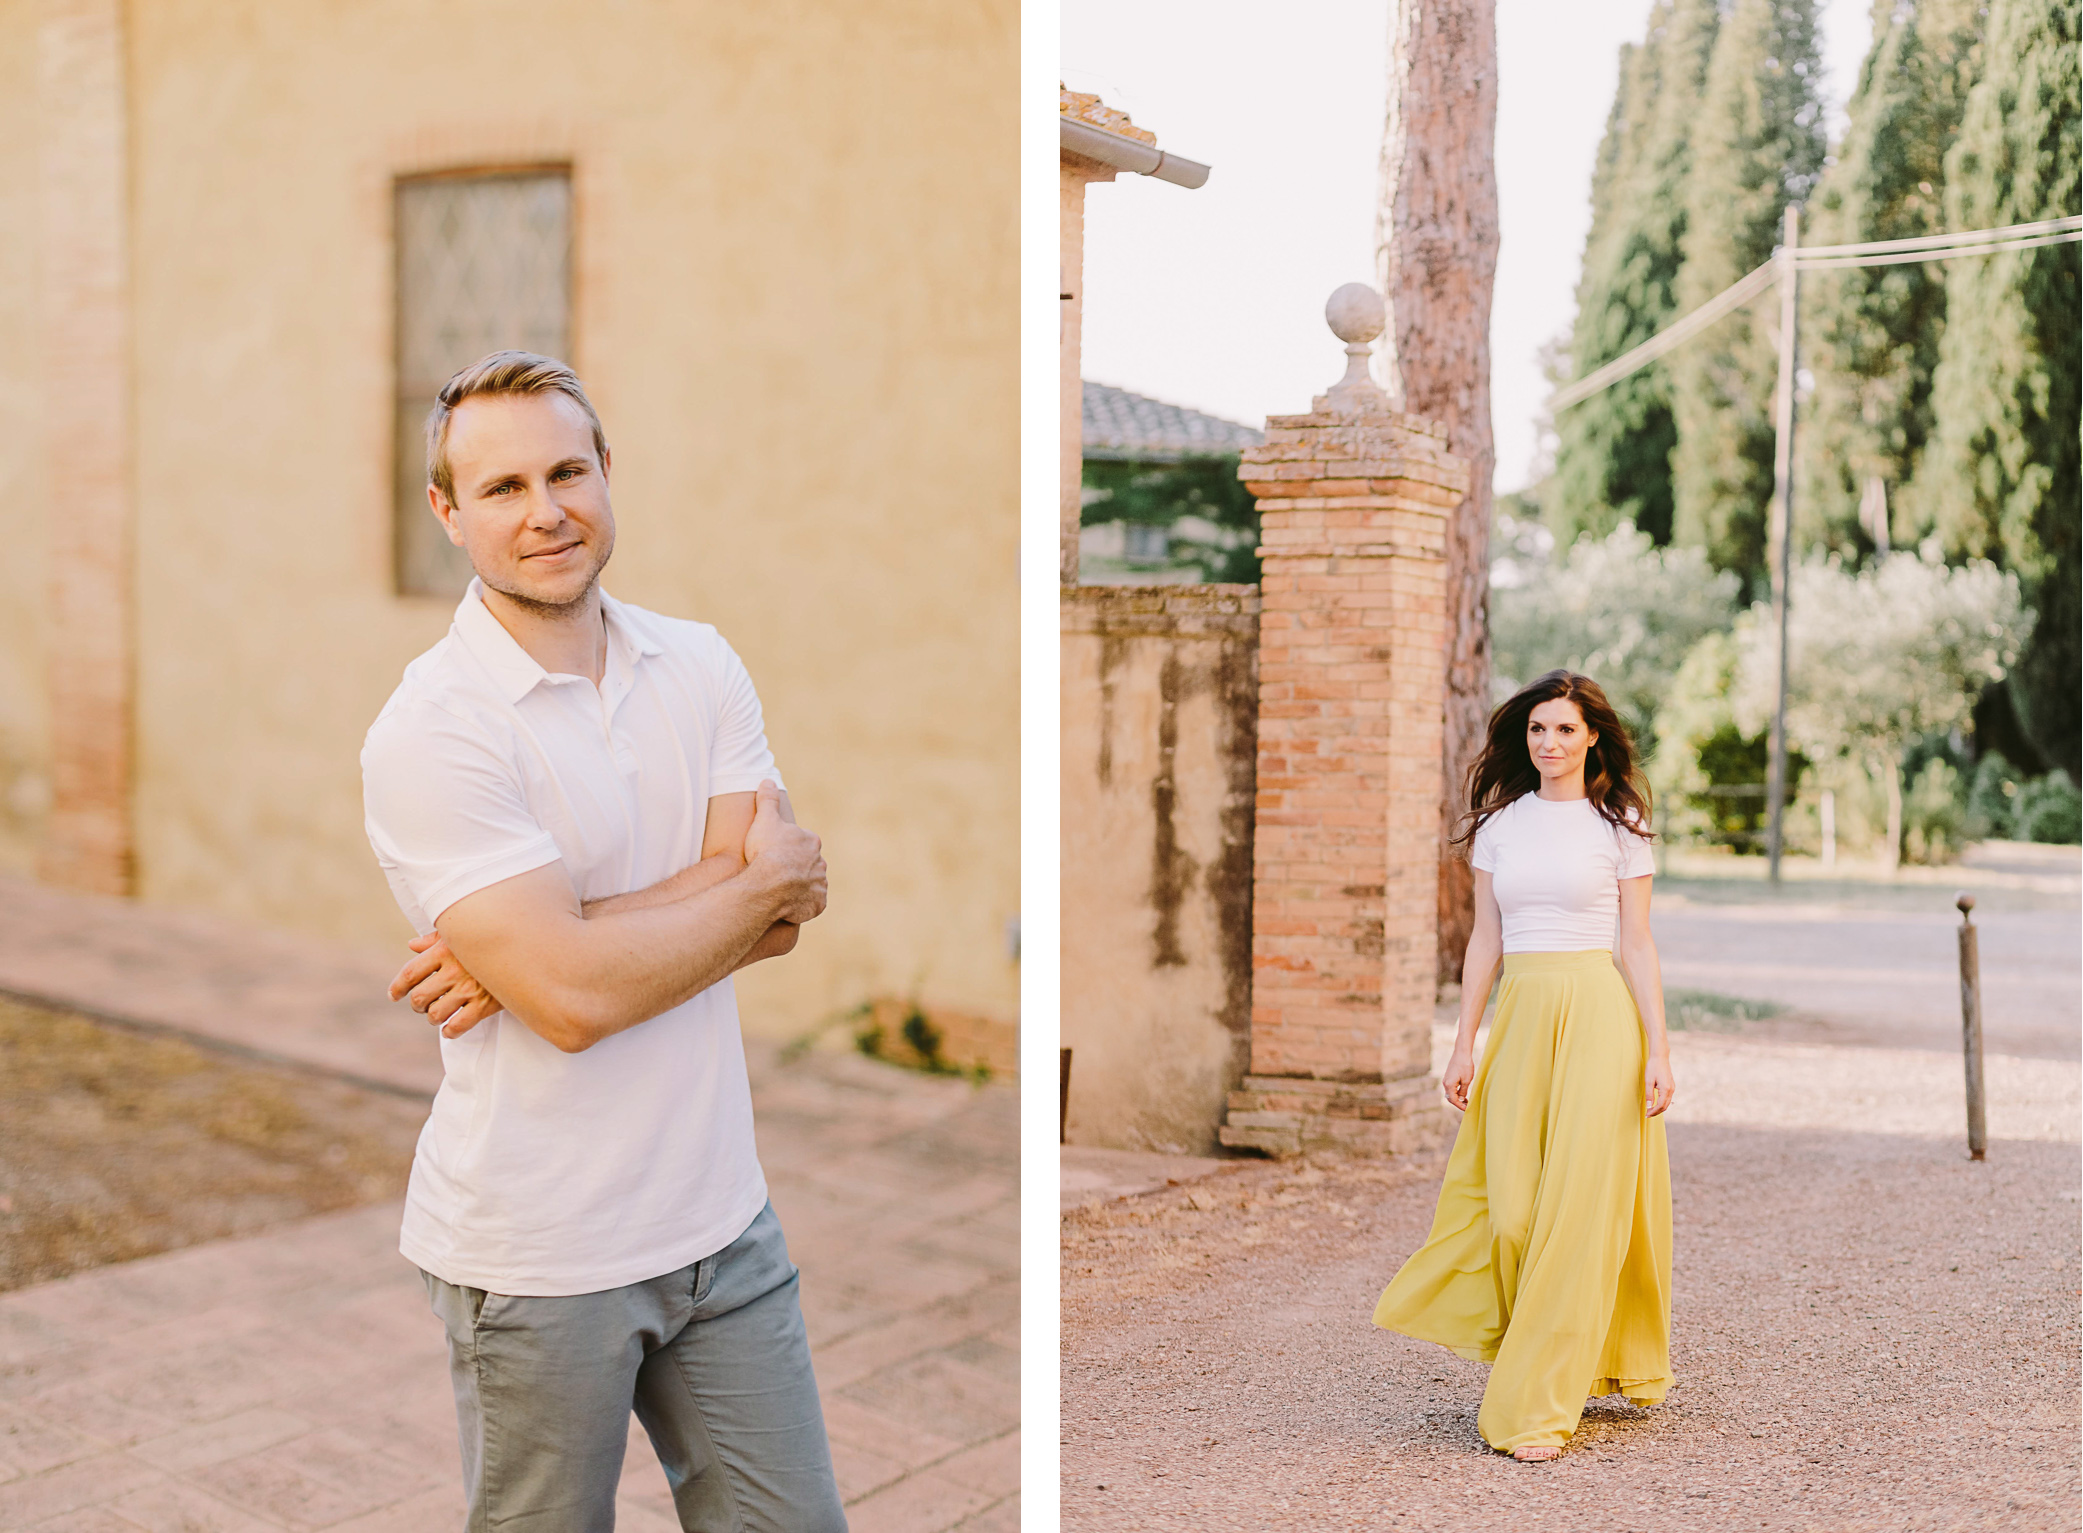 tuscany love story photoshoot